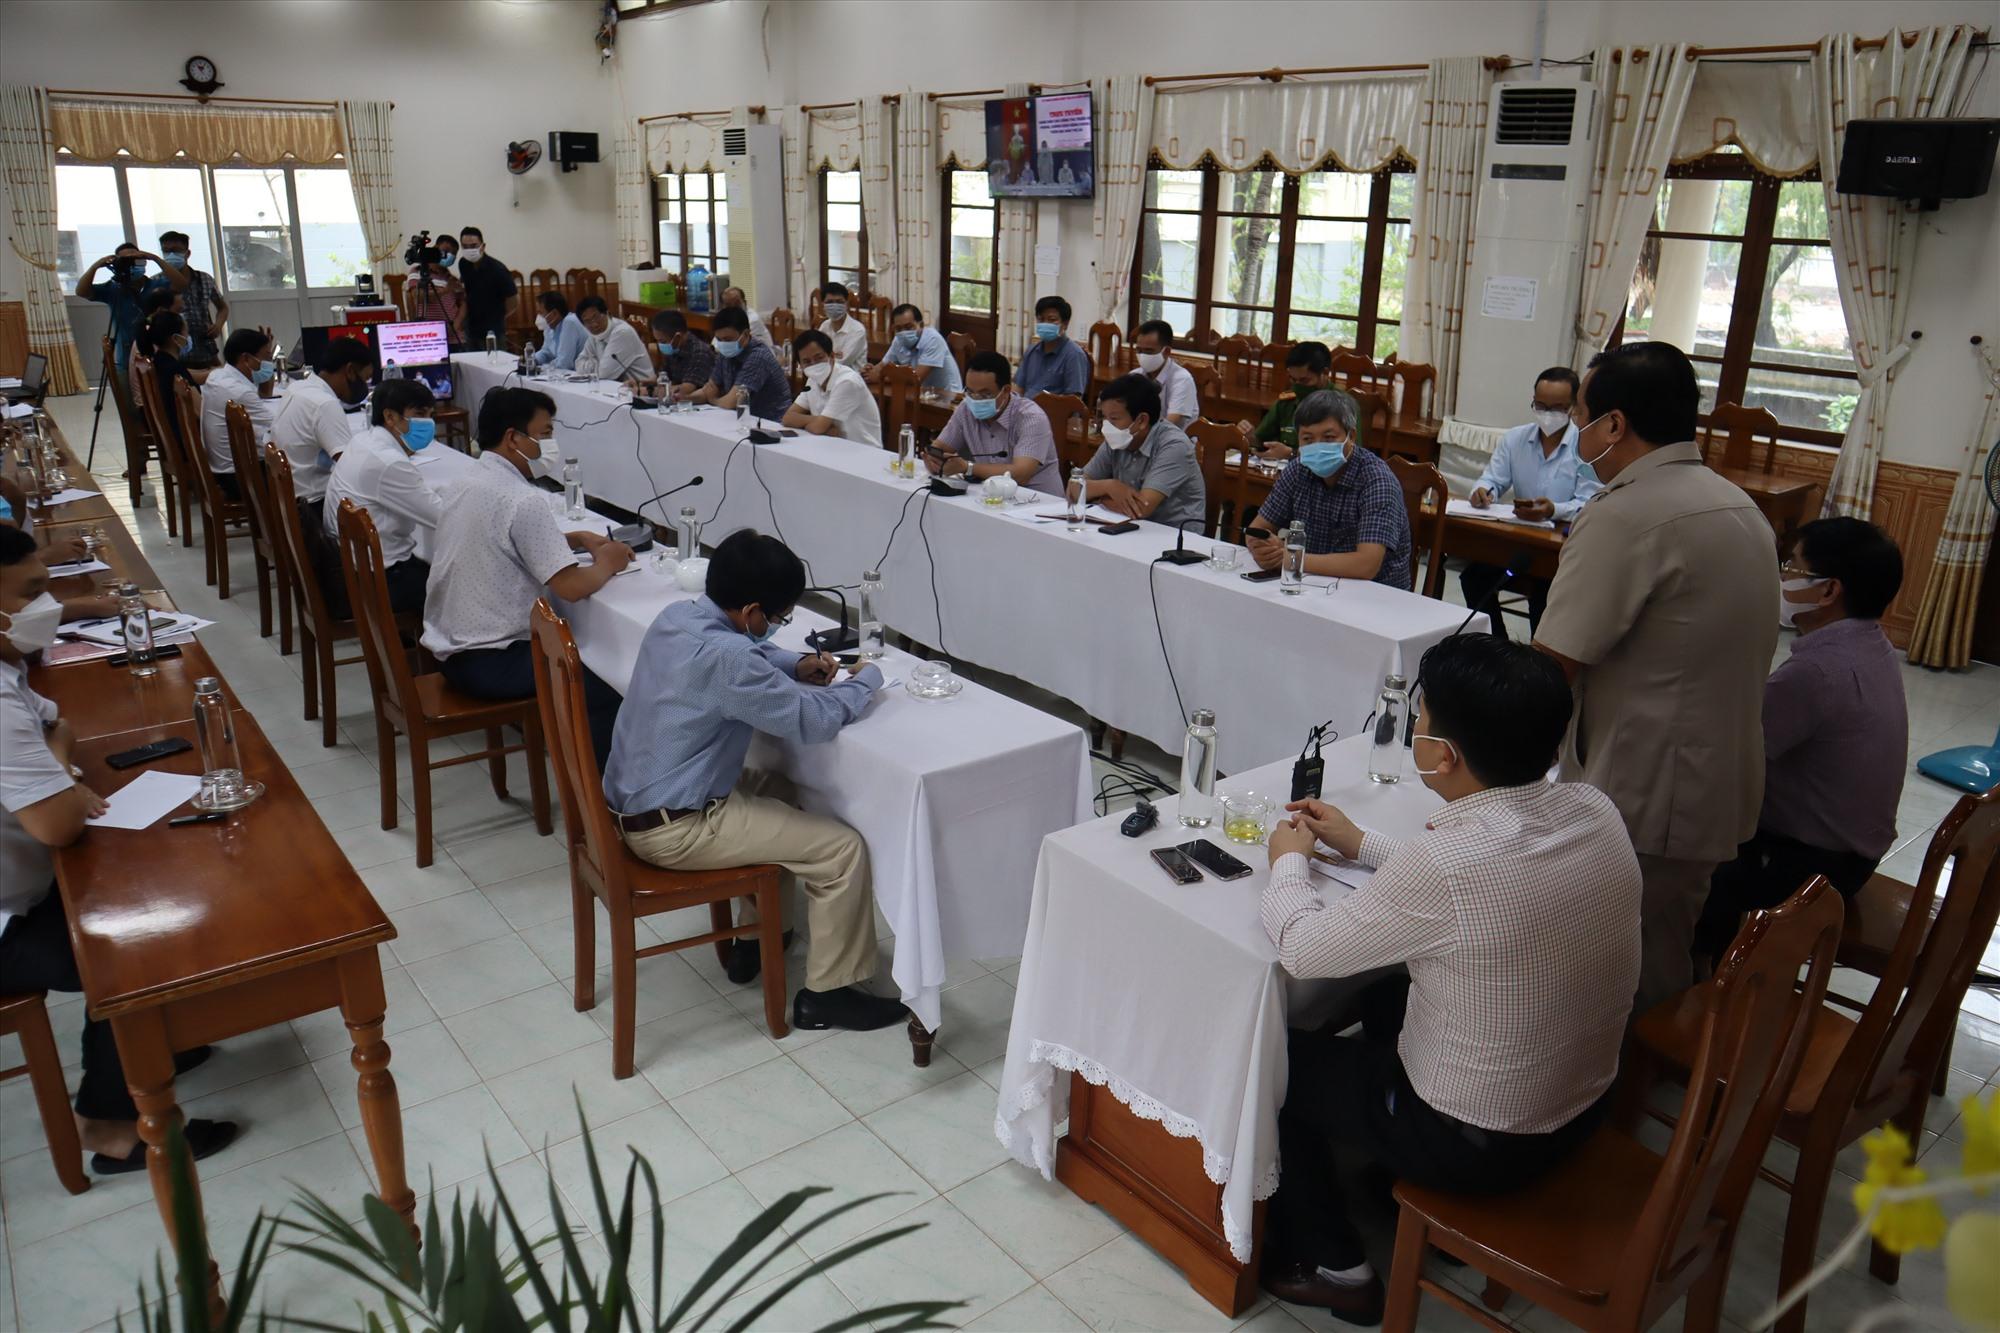 Bí thư Tỉnh ủy Phan Việt Cường chủ trì buổi làm việc về ứng phó bão và công tác dập dịch Covid-19 ở Điện Bàn. Ảnh: Q.T